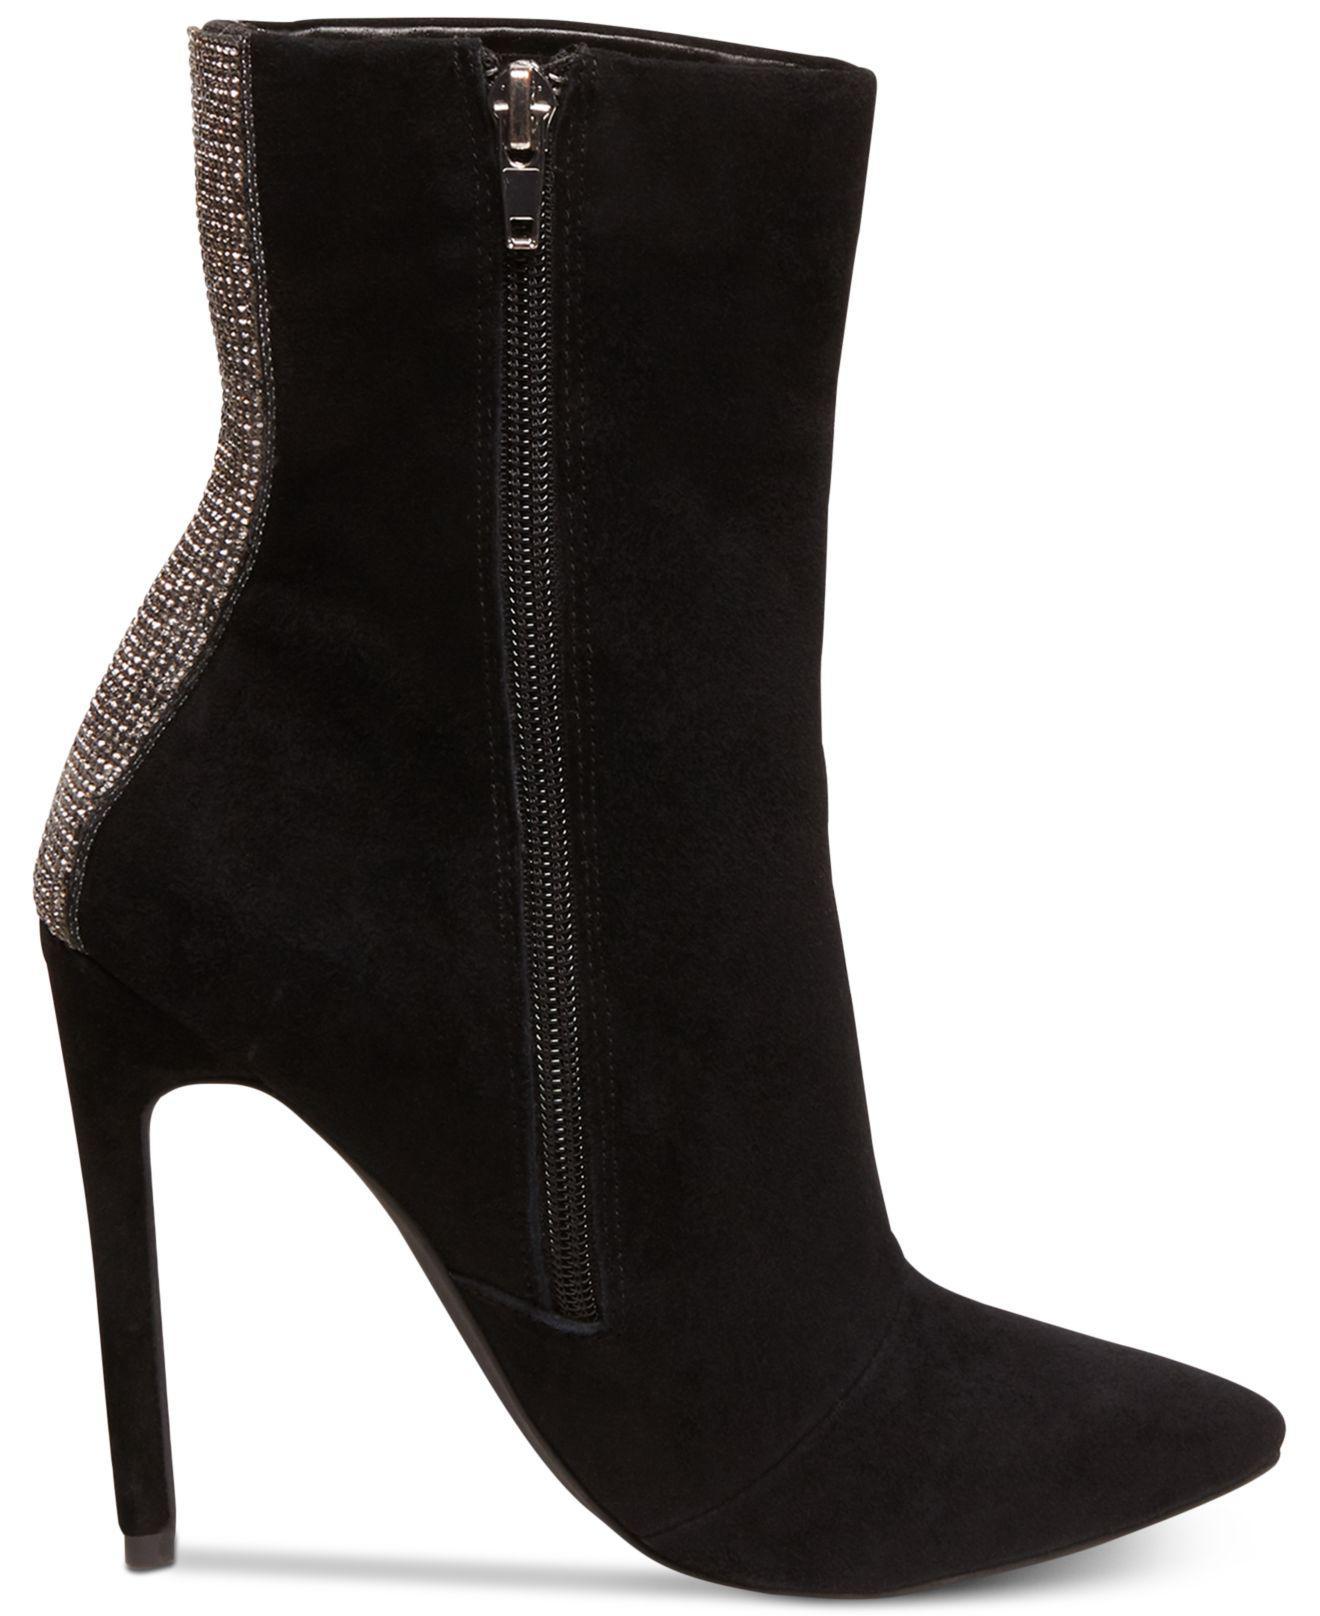 bc9f0ddb529 Women's Black Wagu Rhinestone-embellished Suede Boots